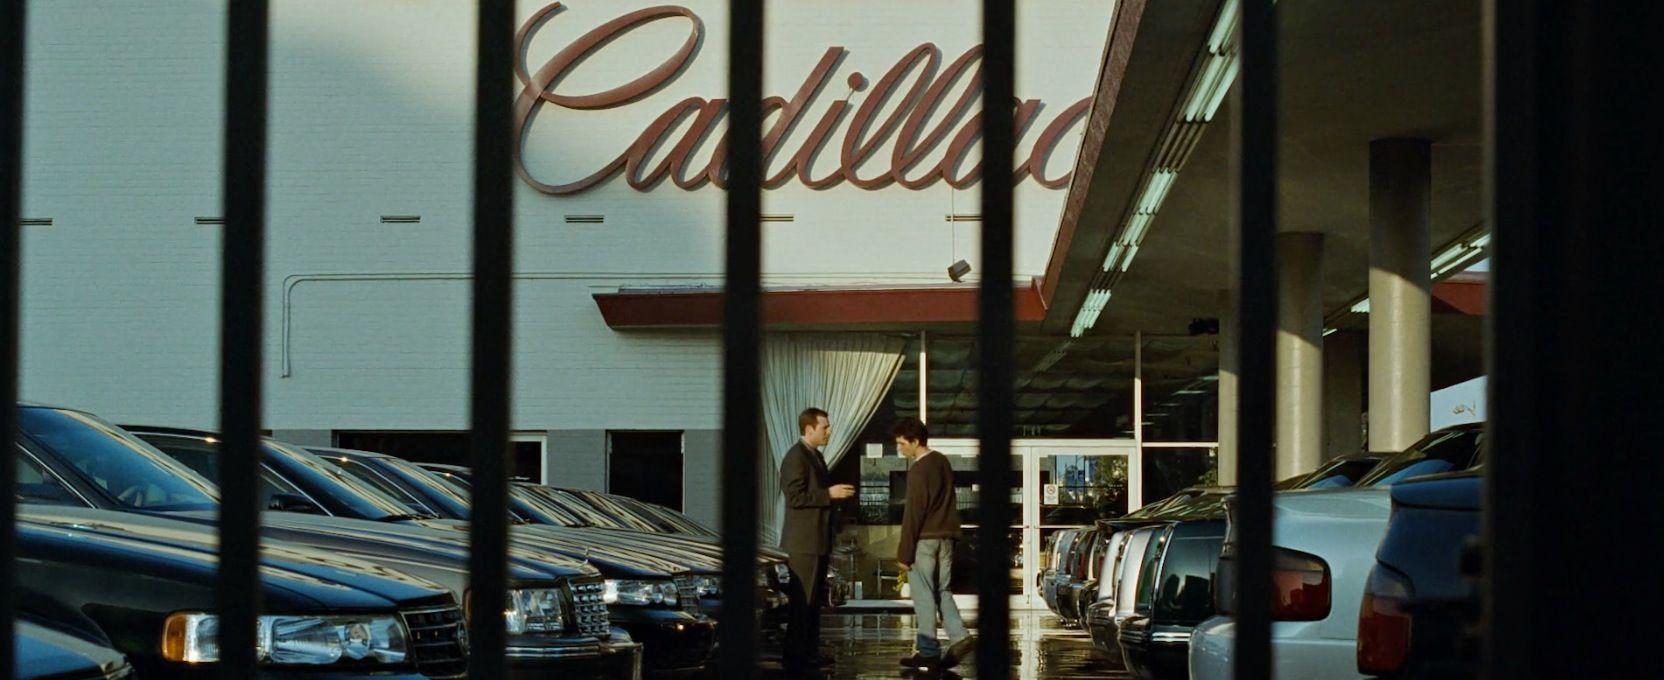 Cadillac dealership in FIGHT CLUB (1999) @Cadillac